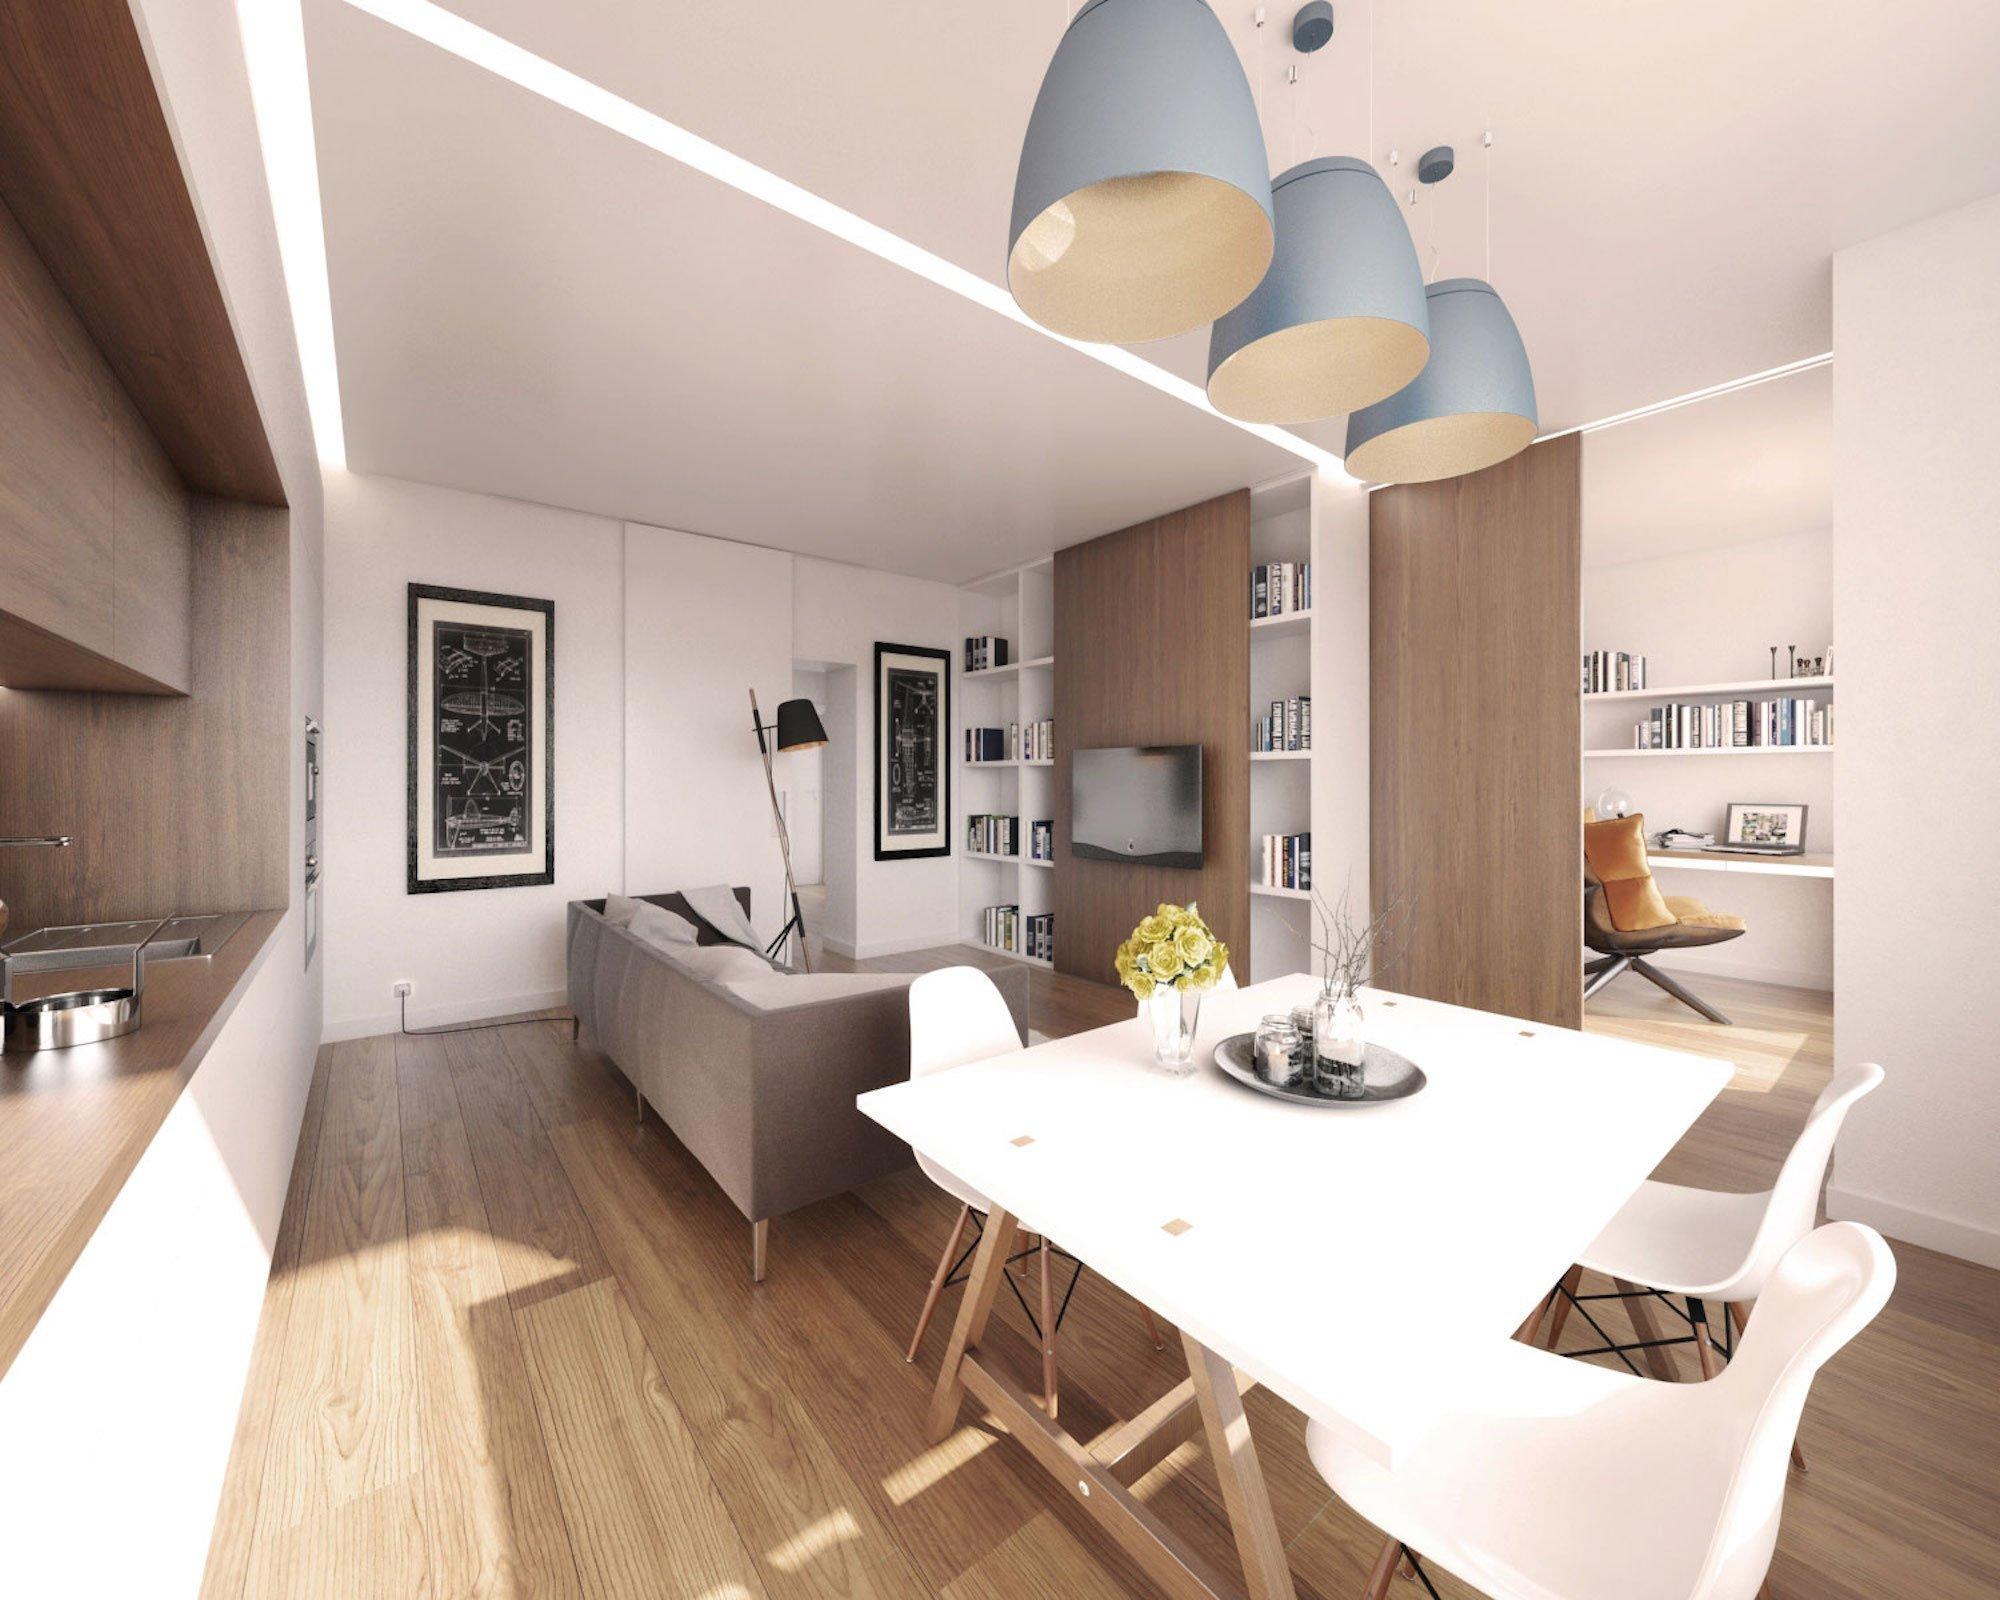 Vizualizace: ložnice je s obývacím pokojem spojena širokým průchodem s posuvným panelem. Na posuvném panelu je i televize - Vizualizace Boq architekti